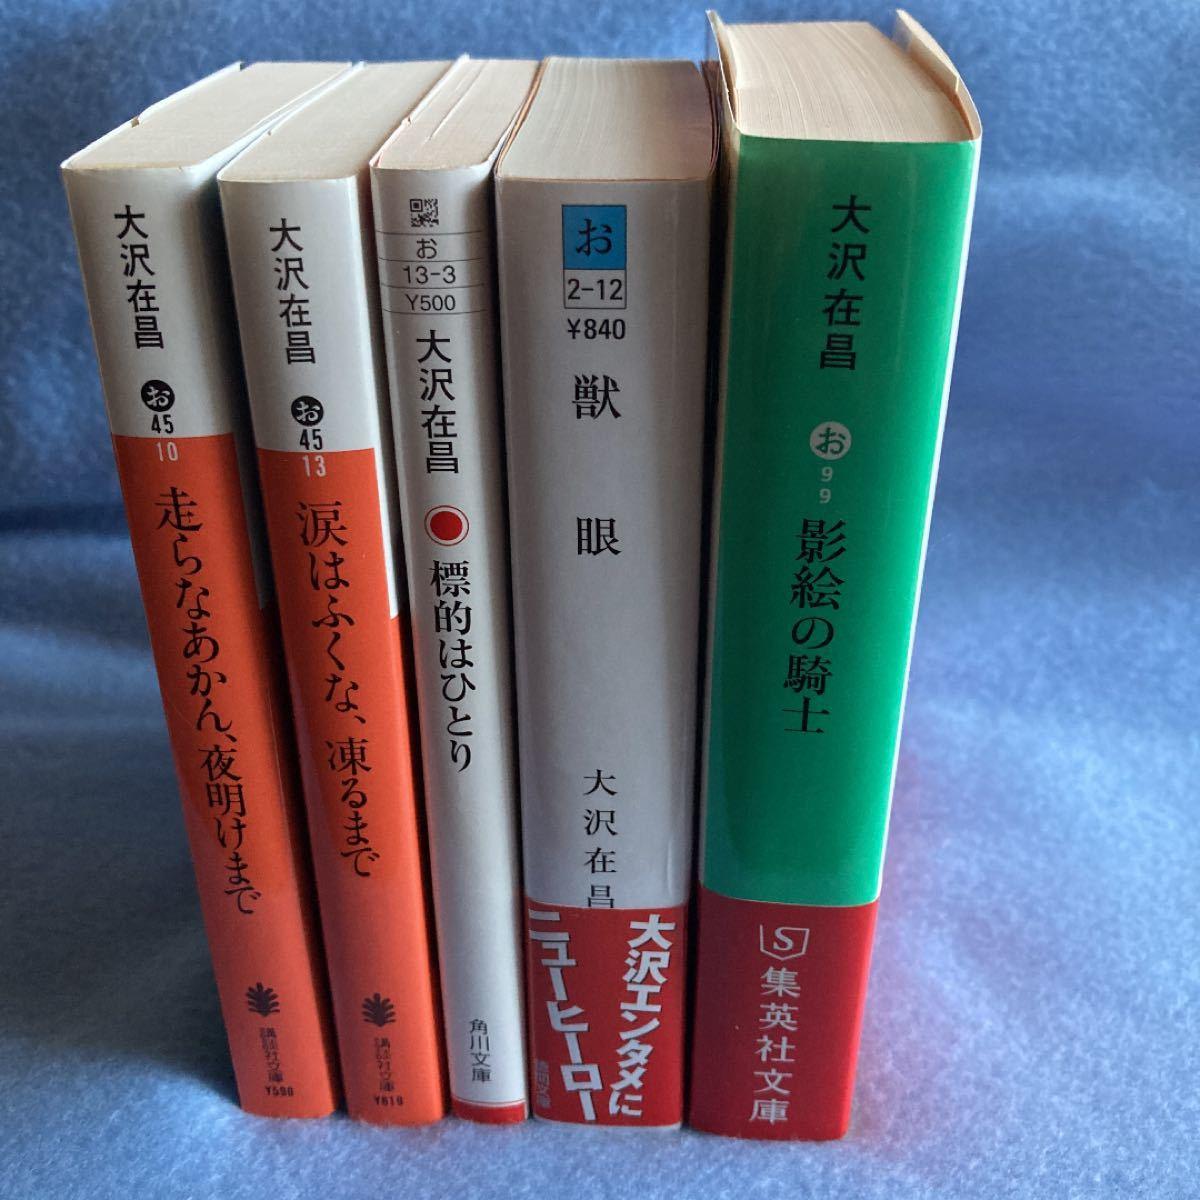 大沢在昌 走らなあかん、夜明けまで 5冊